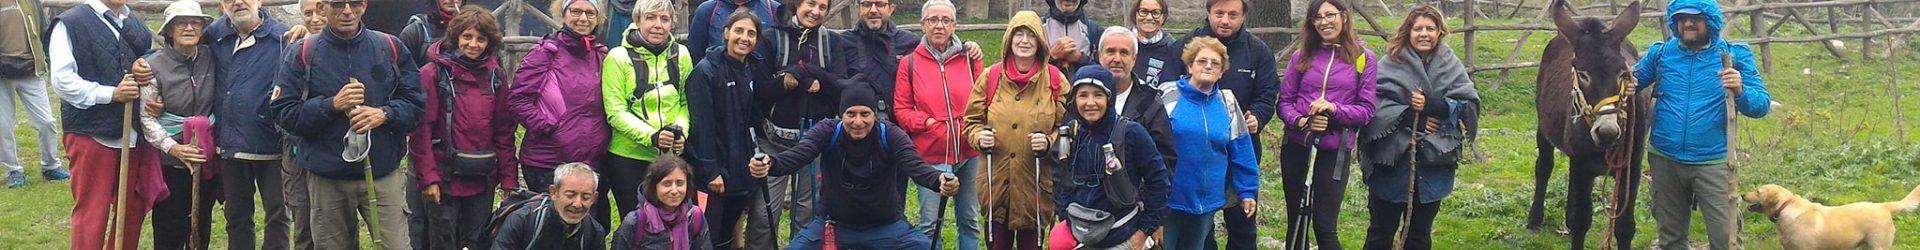 Al via la magia del secondo Cammino dell'Antica Trasversale Sicula